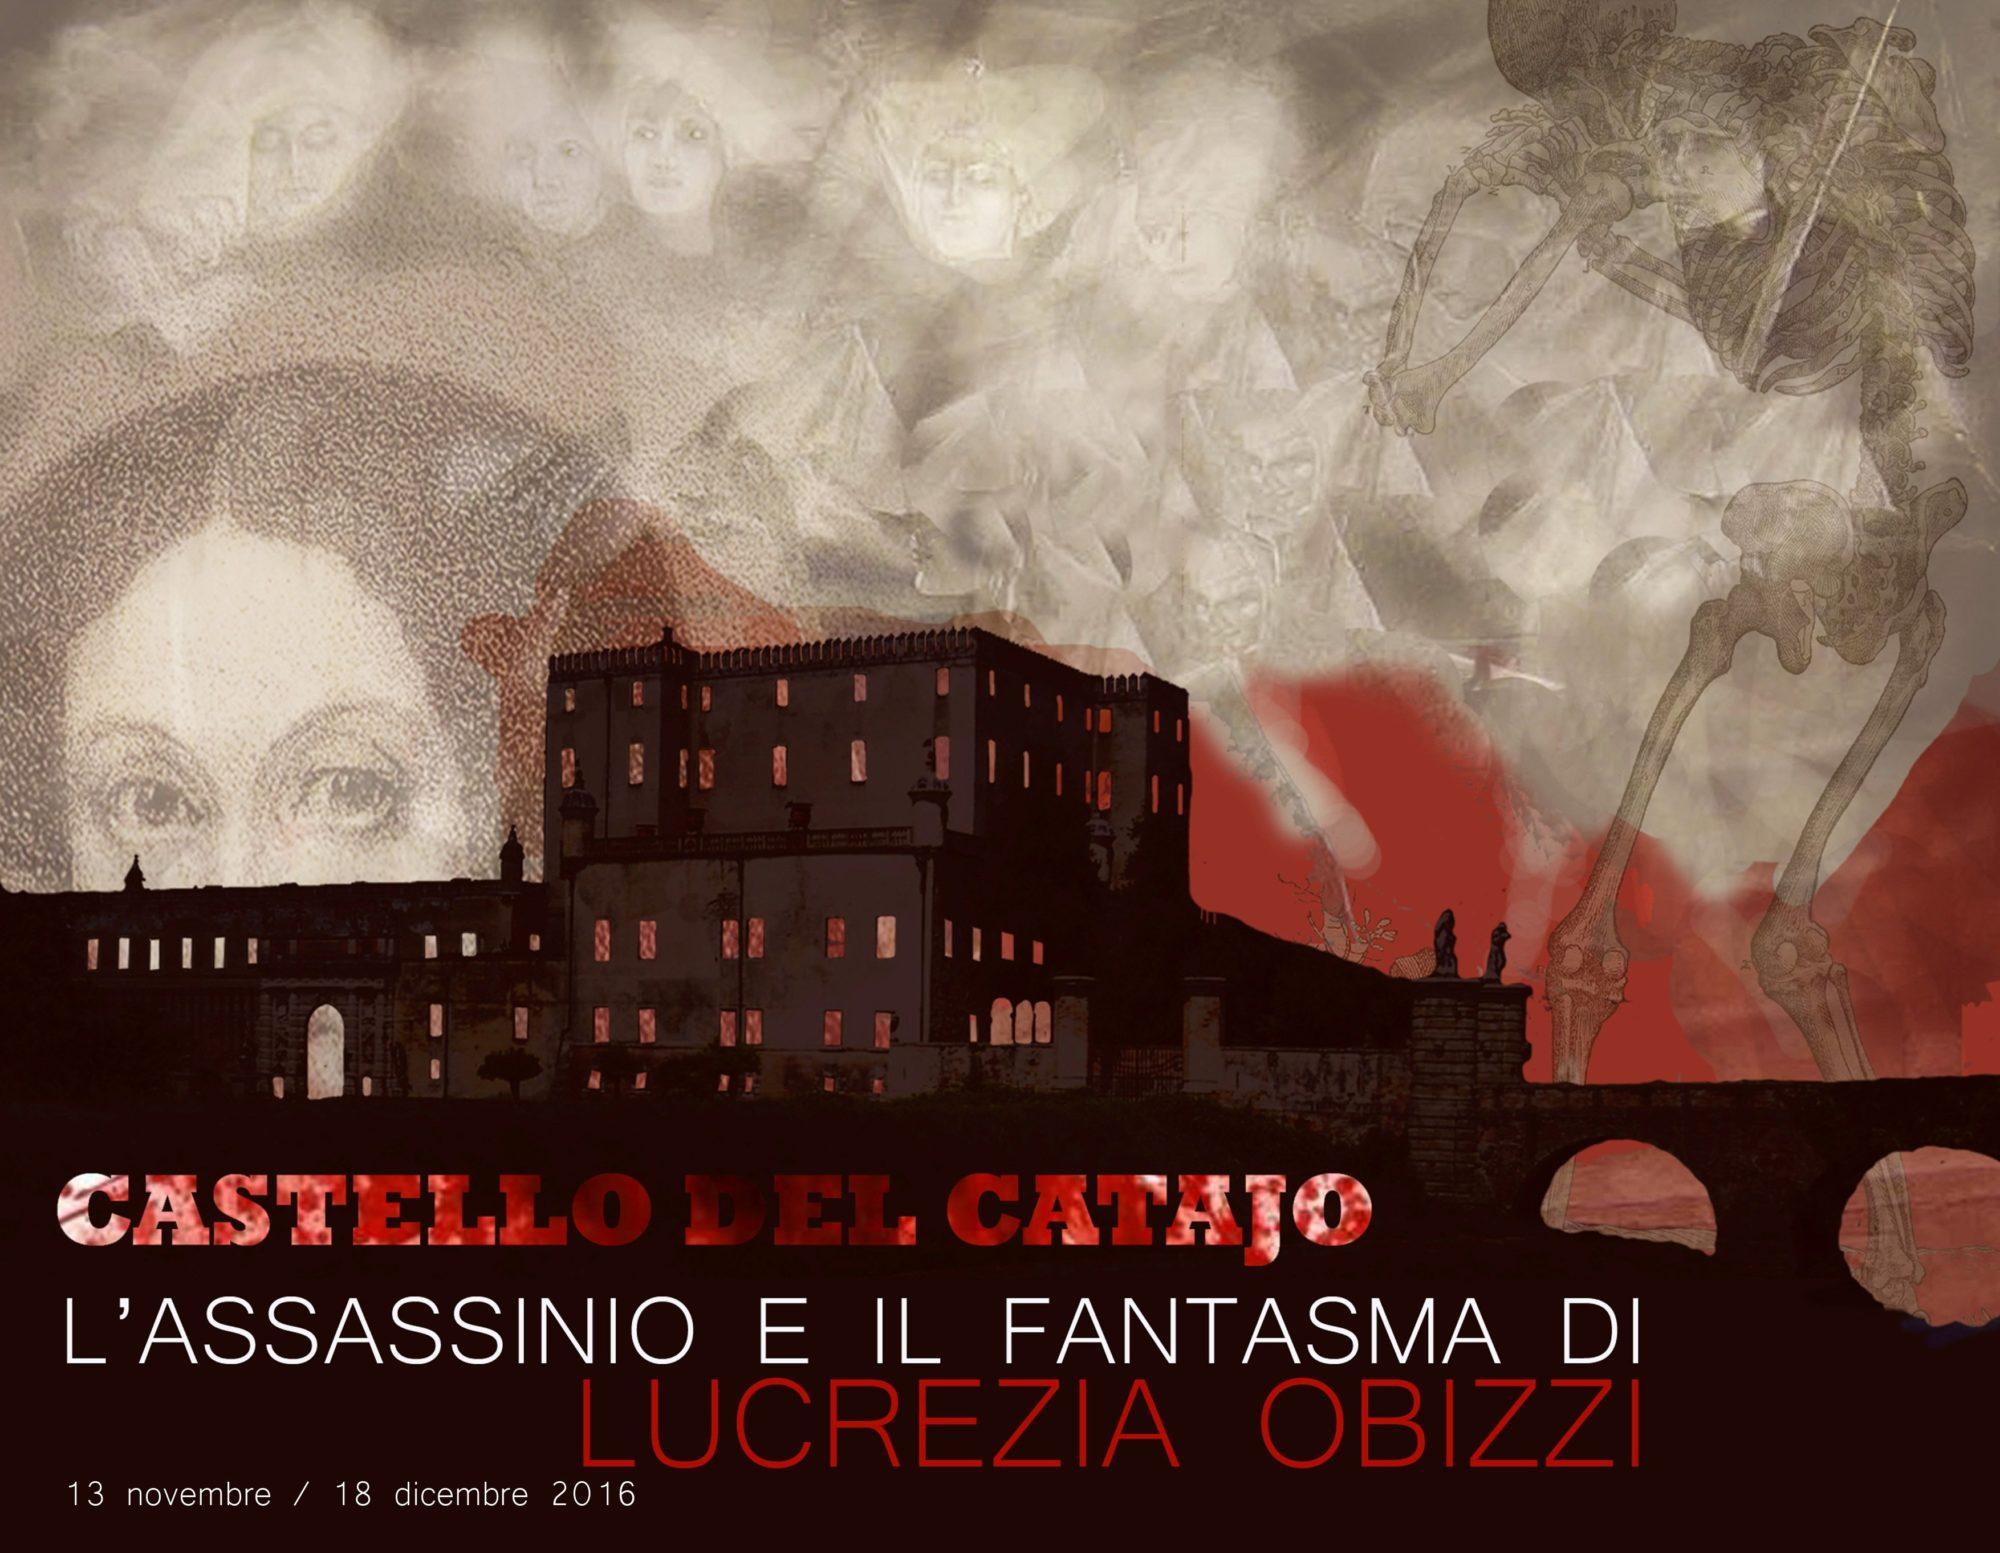 Un mese di mistero al Castello del Catajo: Lucrezia Obizzi, l'assassinio e il fantasma